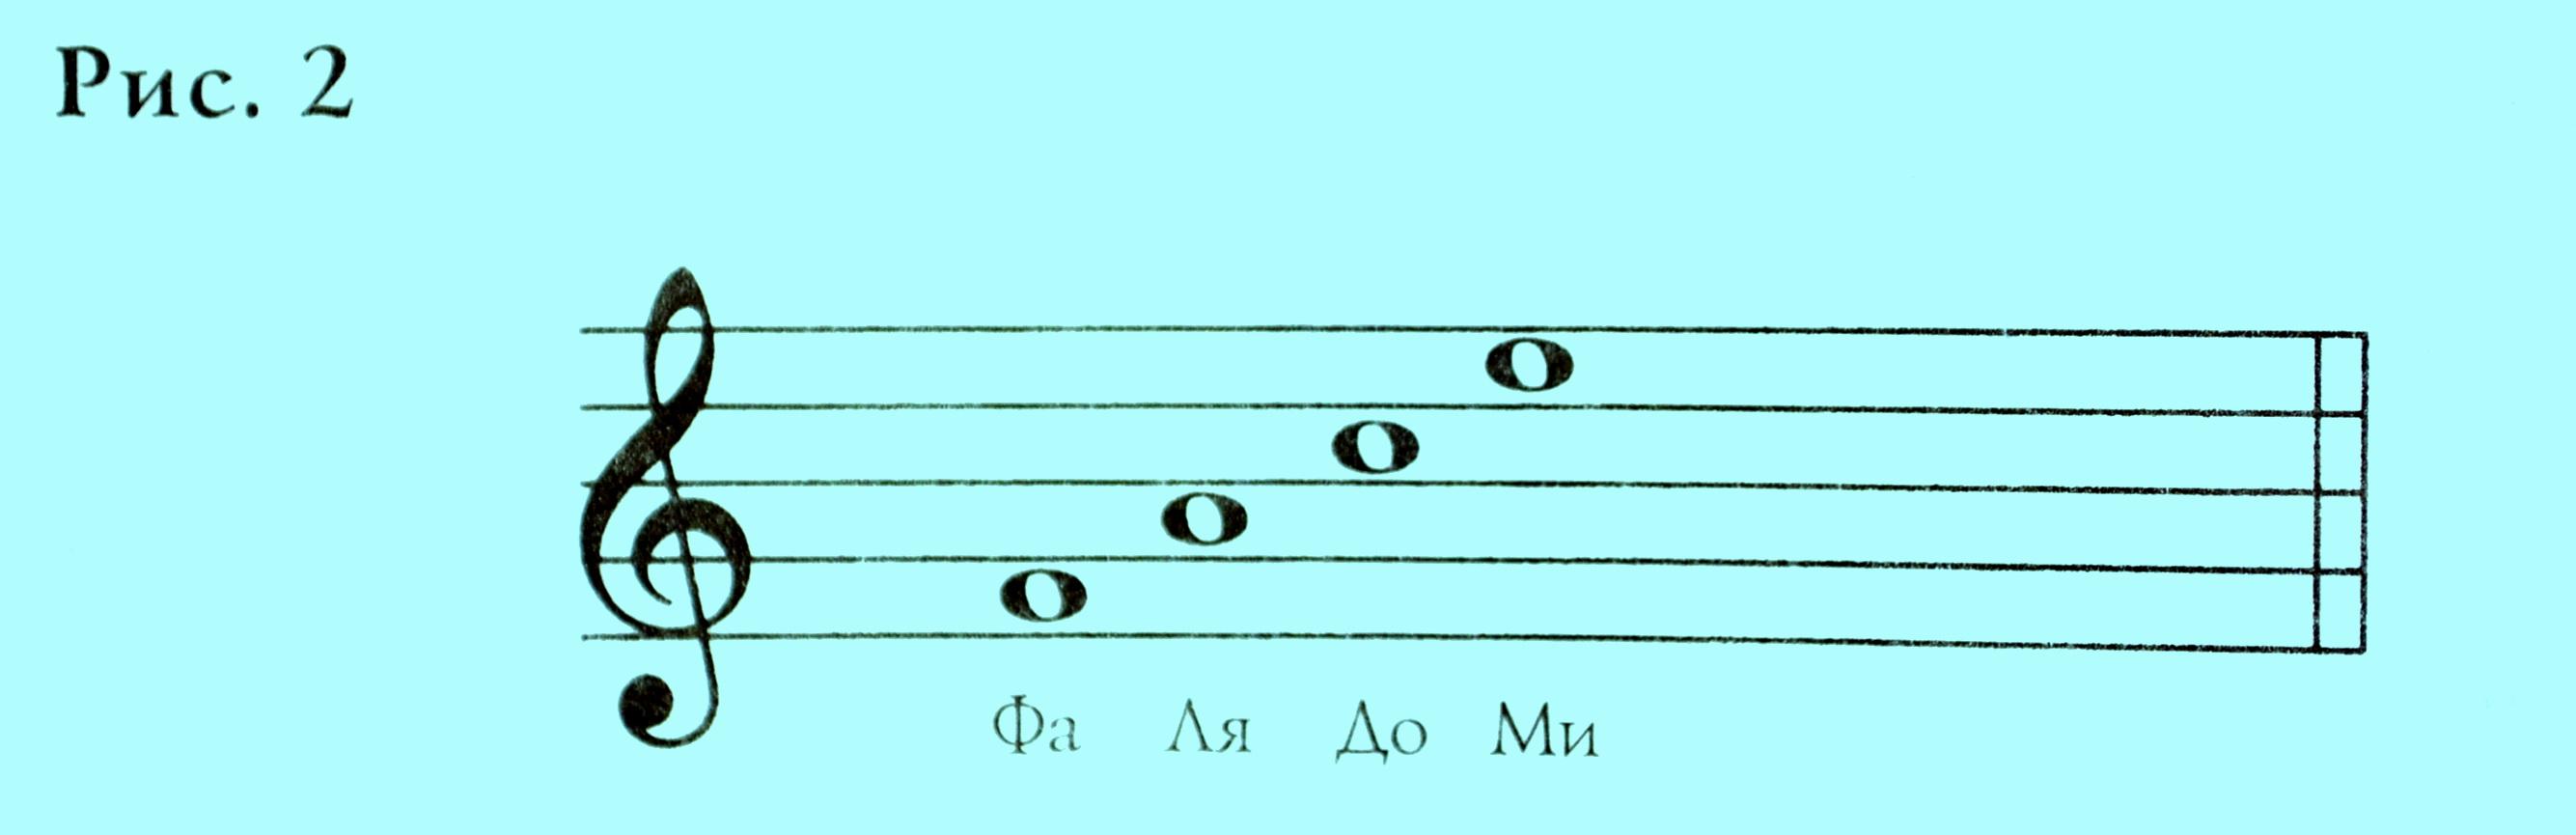 Музыкальные символы